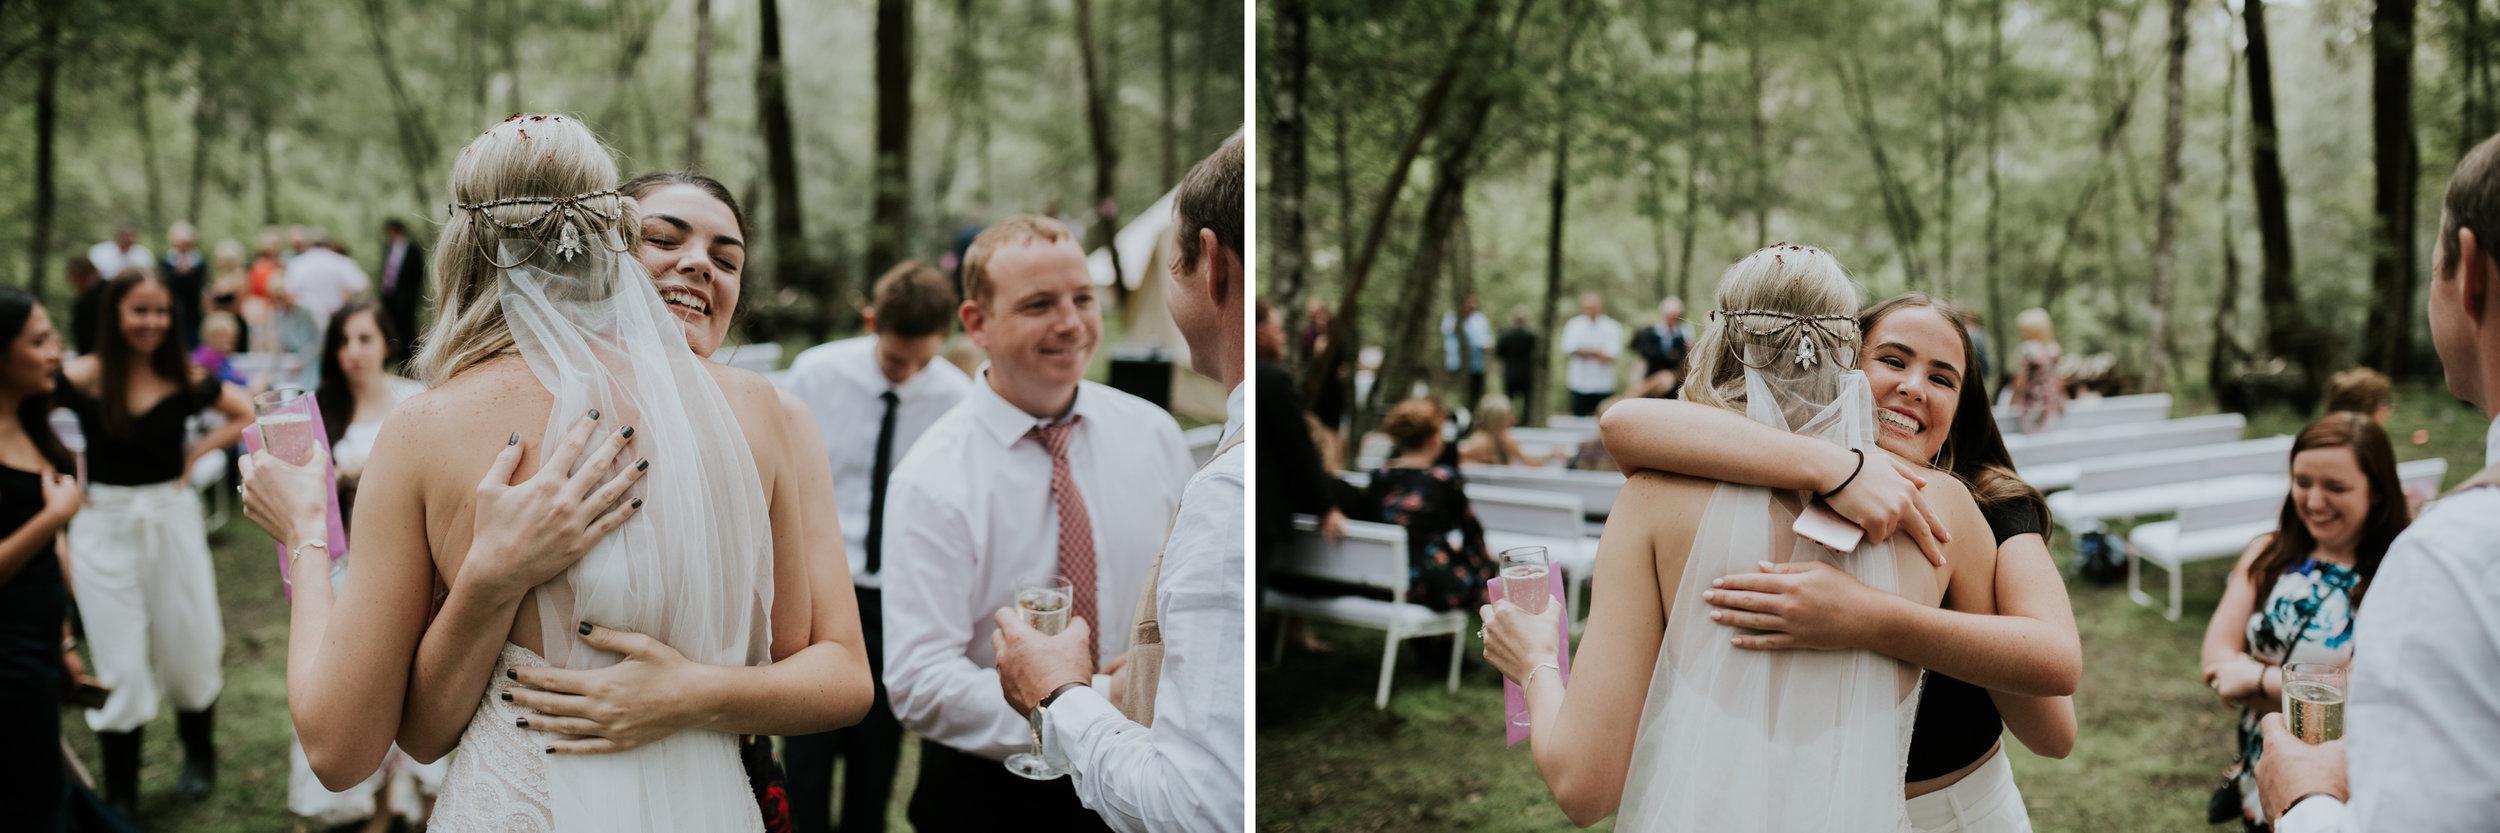 Hugs+Congratulations+Emma+john+Wedding2.jpg